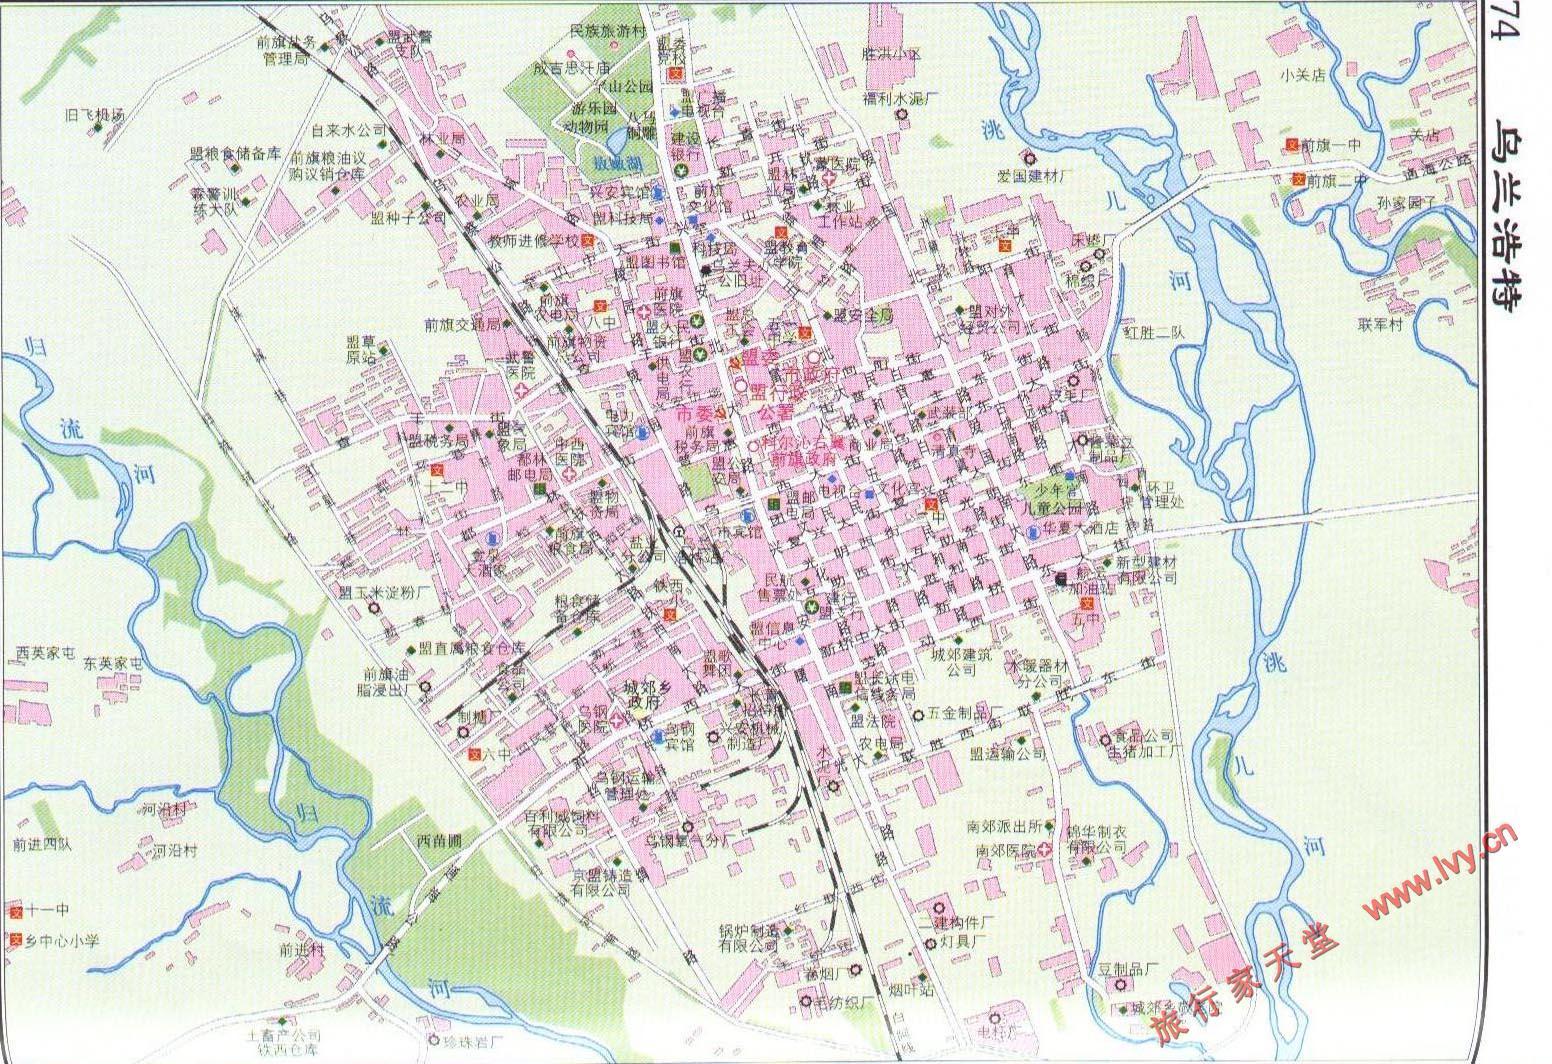 乌兰浩特市市区地图_呼和浩特地图查询